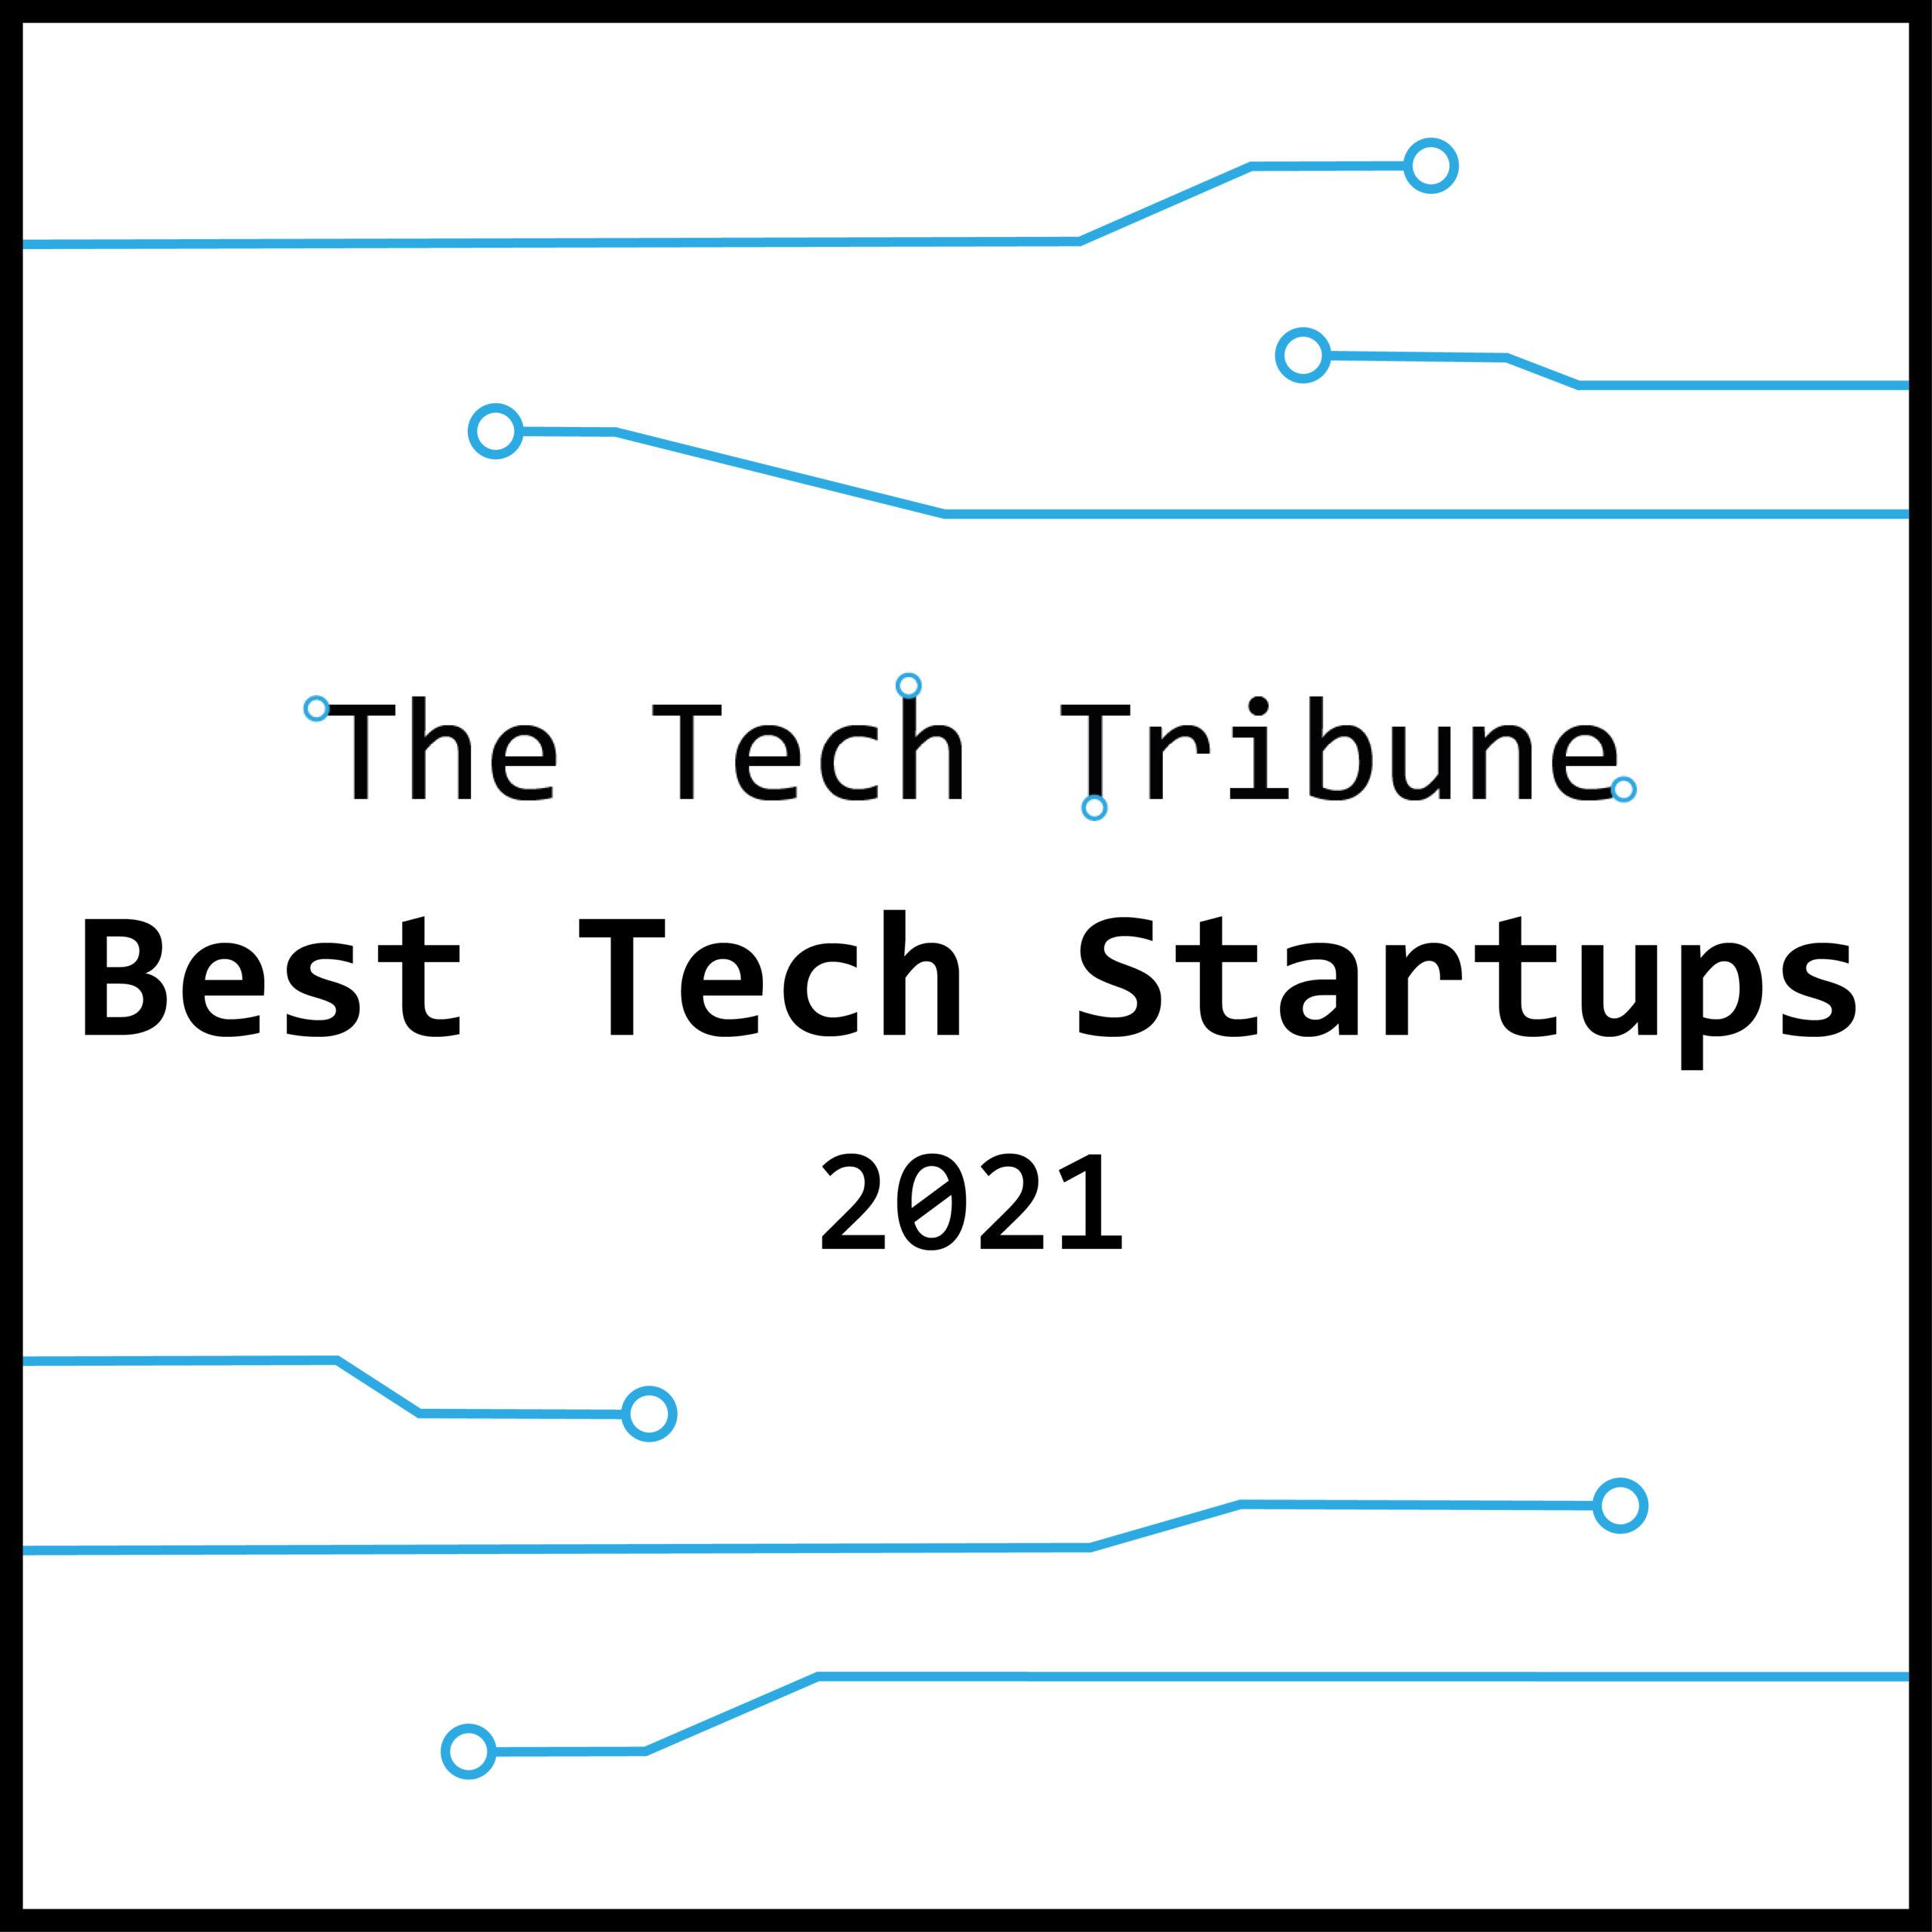 2021 Best Tech Startups in San Jose